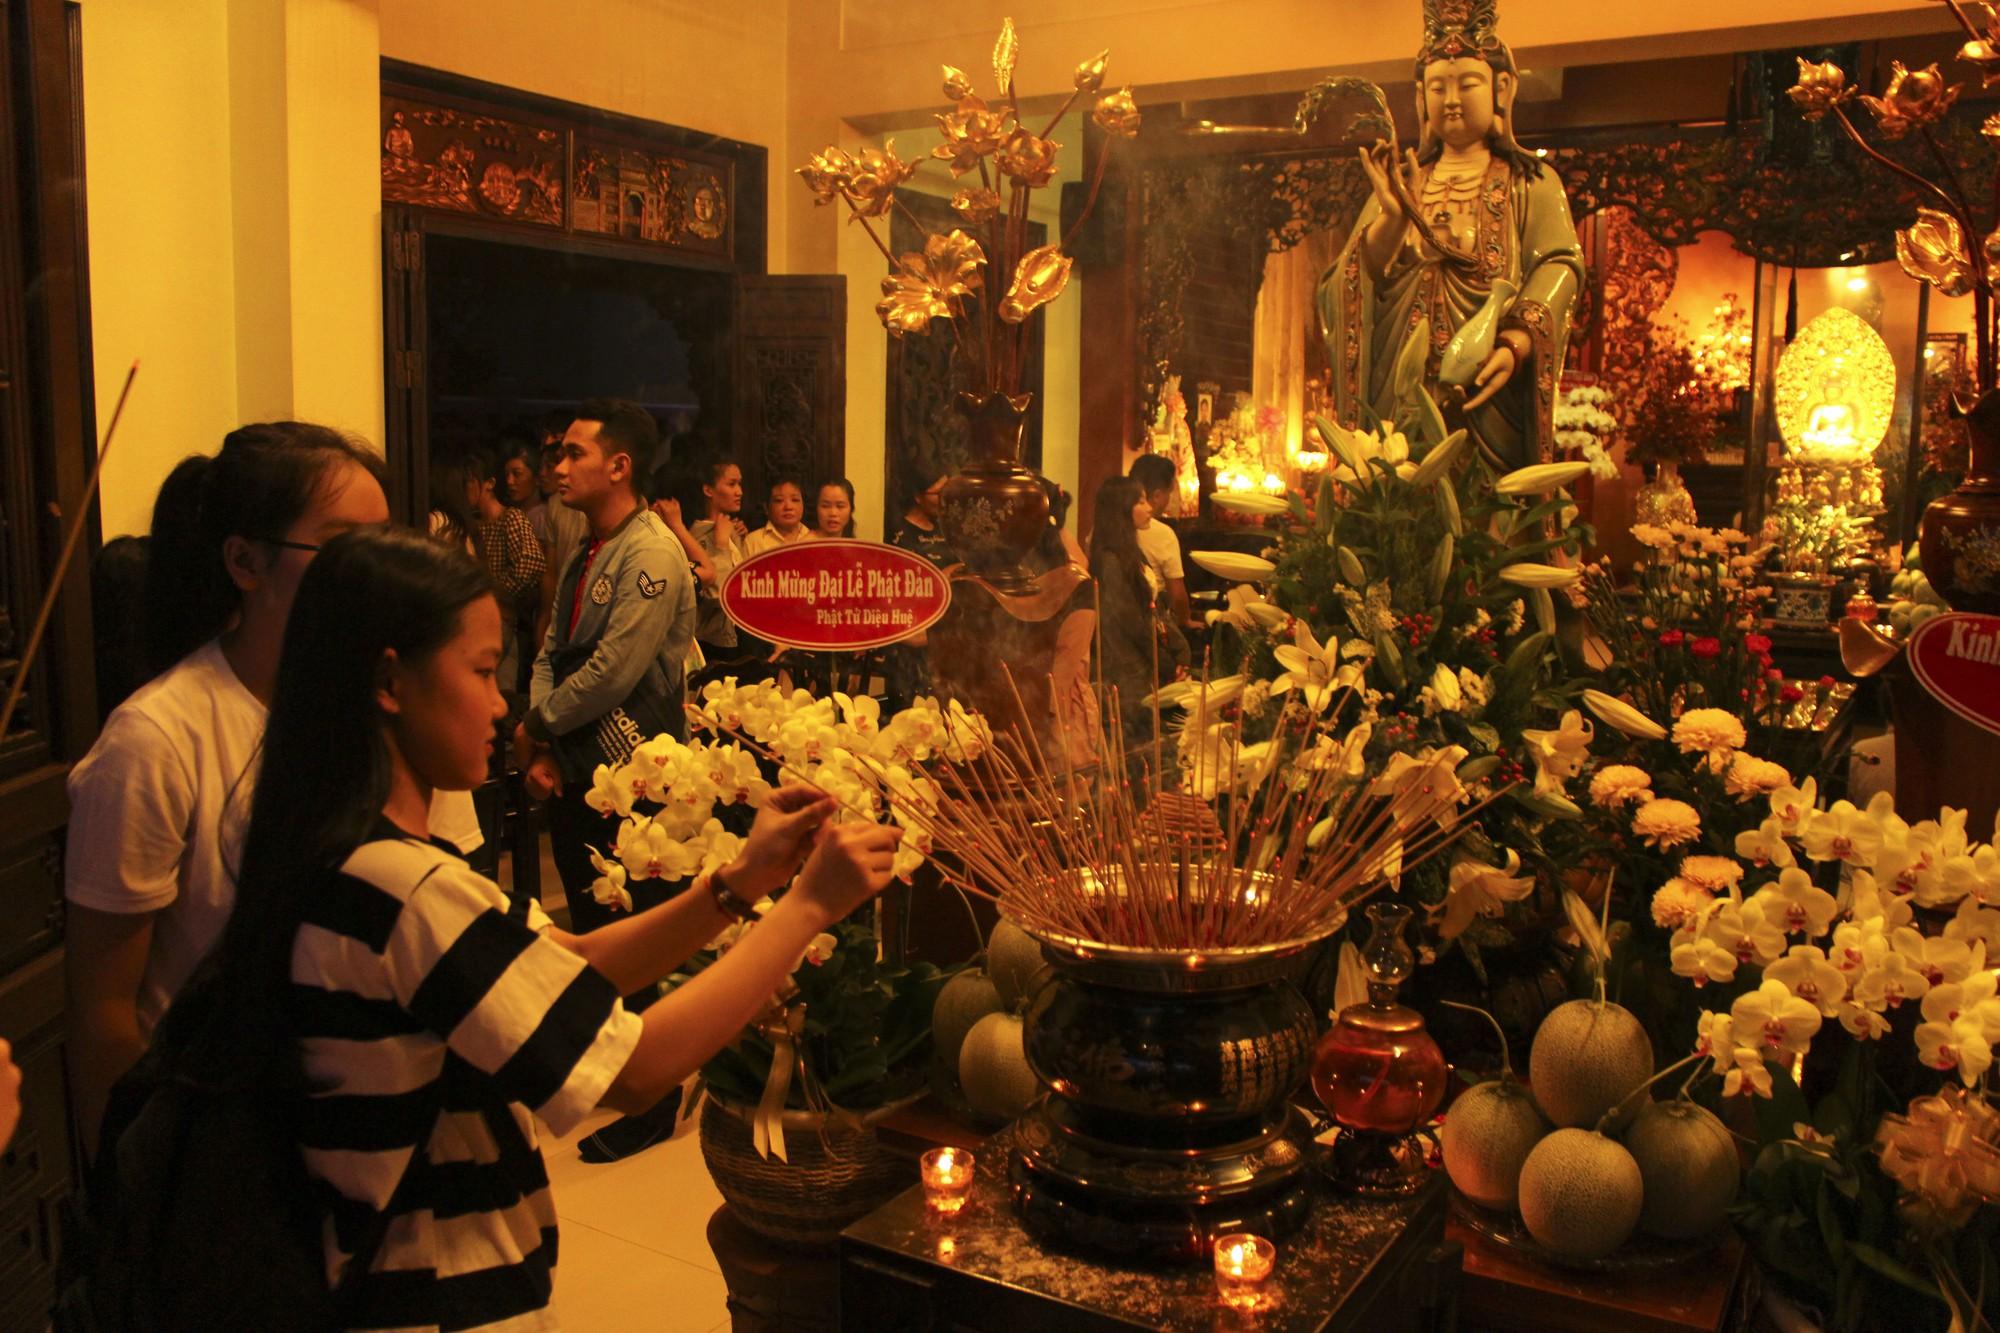 Chùa Pháp Hoa lung linh ngọn đèn hoa đăng ngày lễ Phật Đản - Ảnh 6.